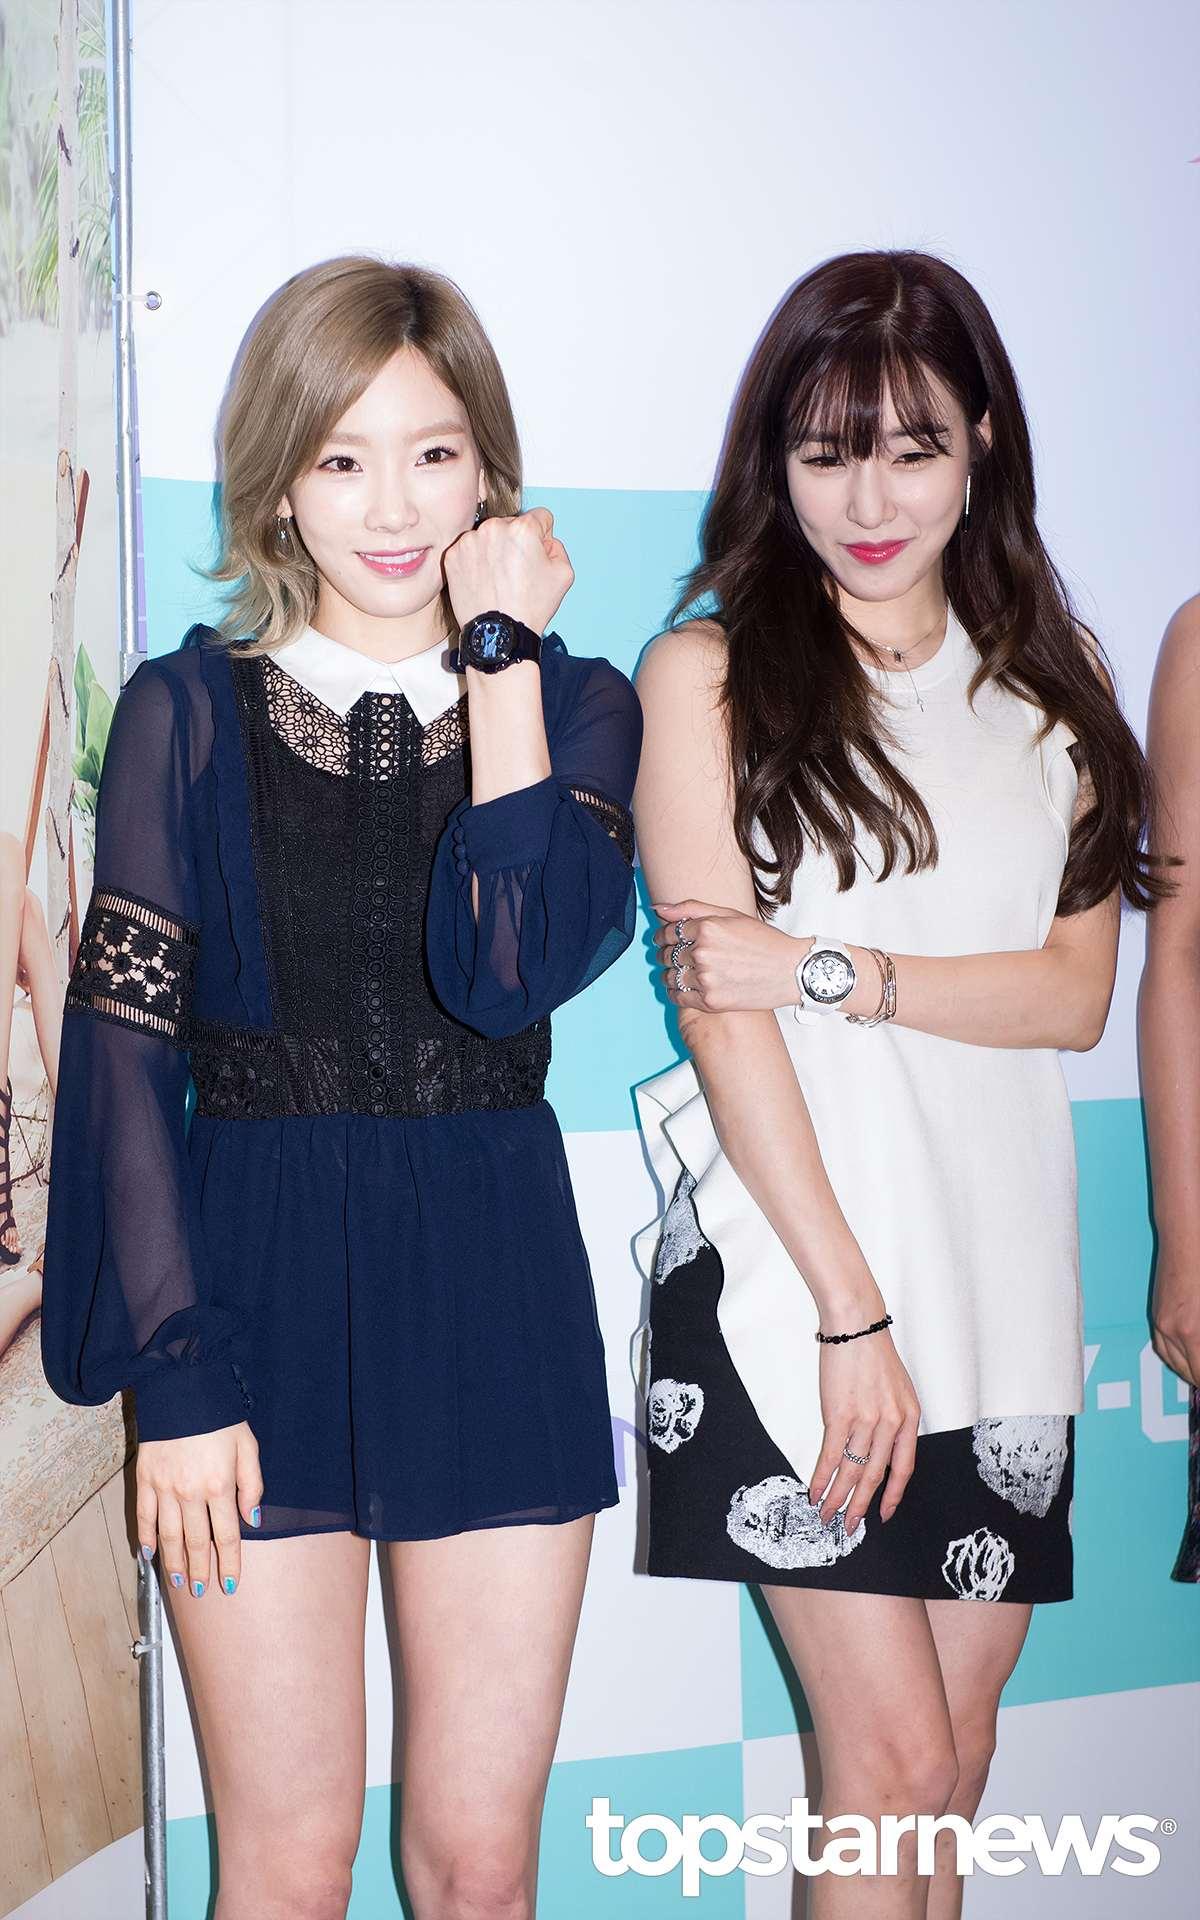 最近的風格服裝更是越來越有成熟的魅力,讓人感受到 Tiffany 從音樂到外在,整個人越來越成熟的魅力